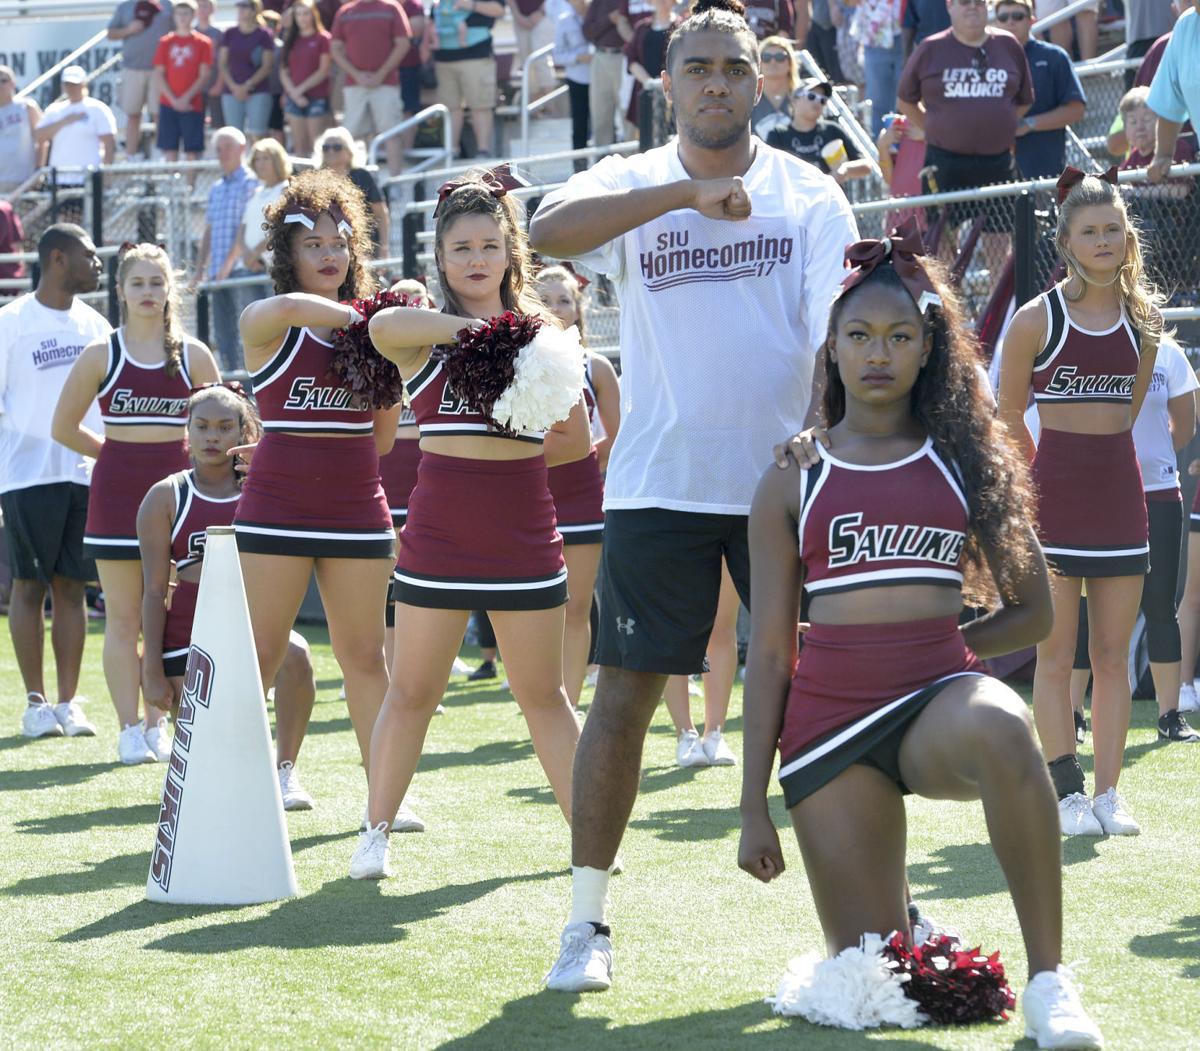 101517-nws-cheerleaders-1.jpg